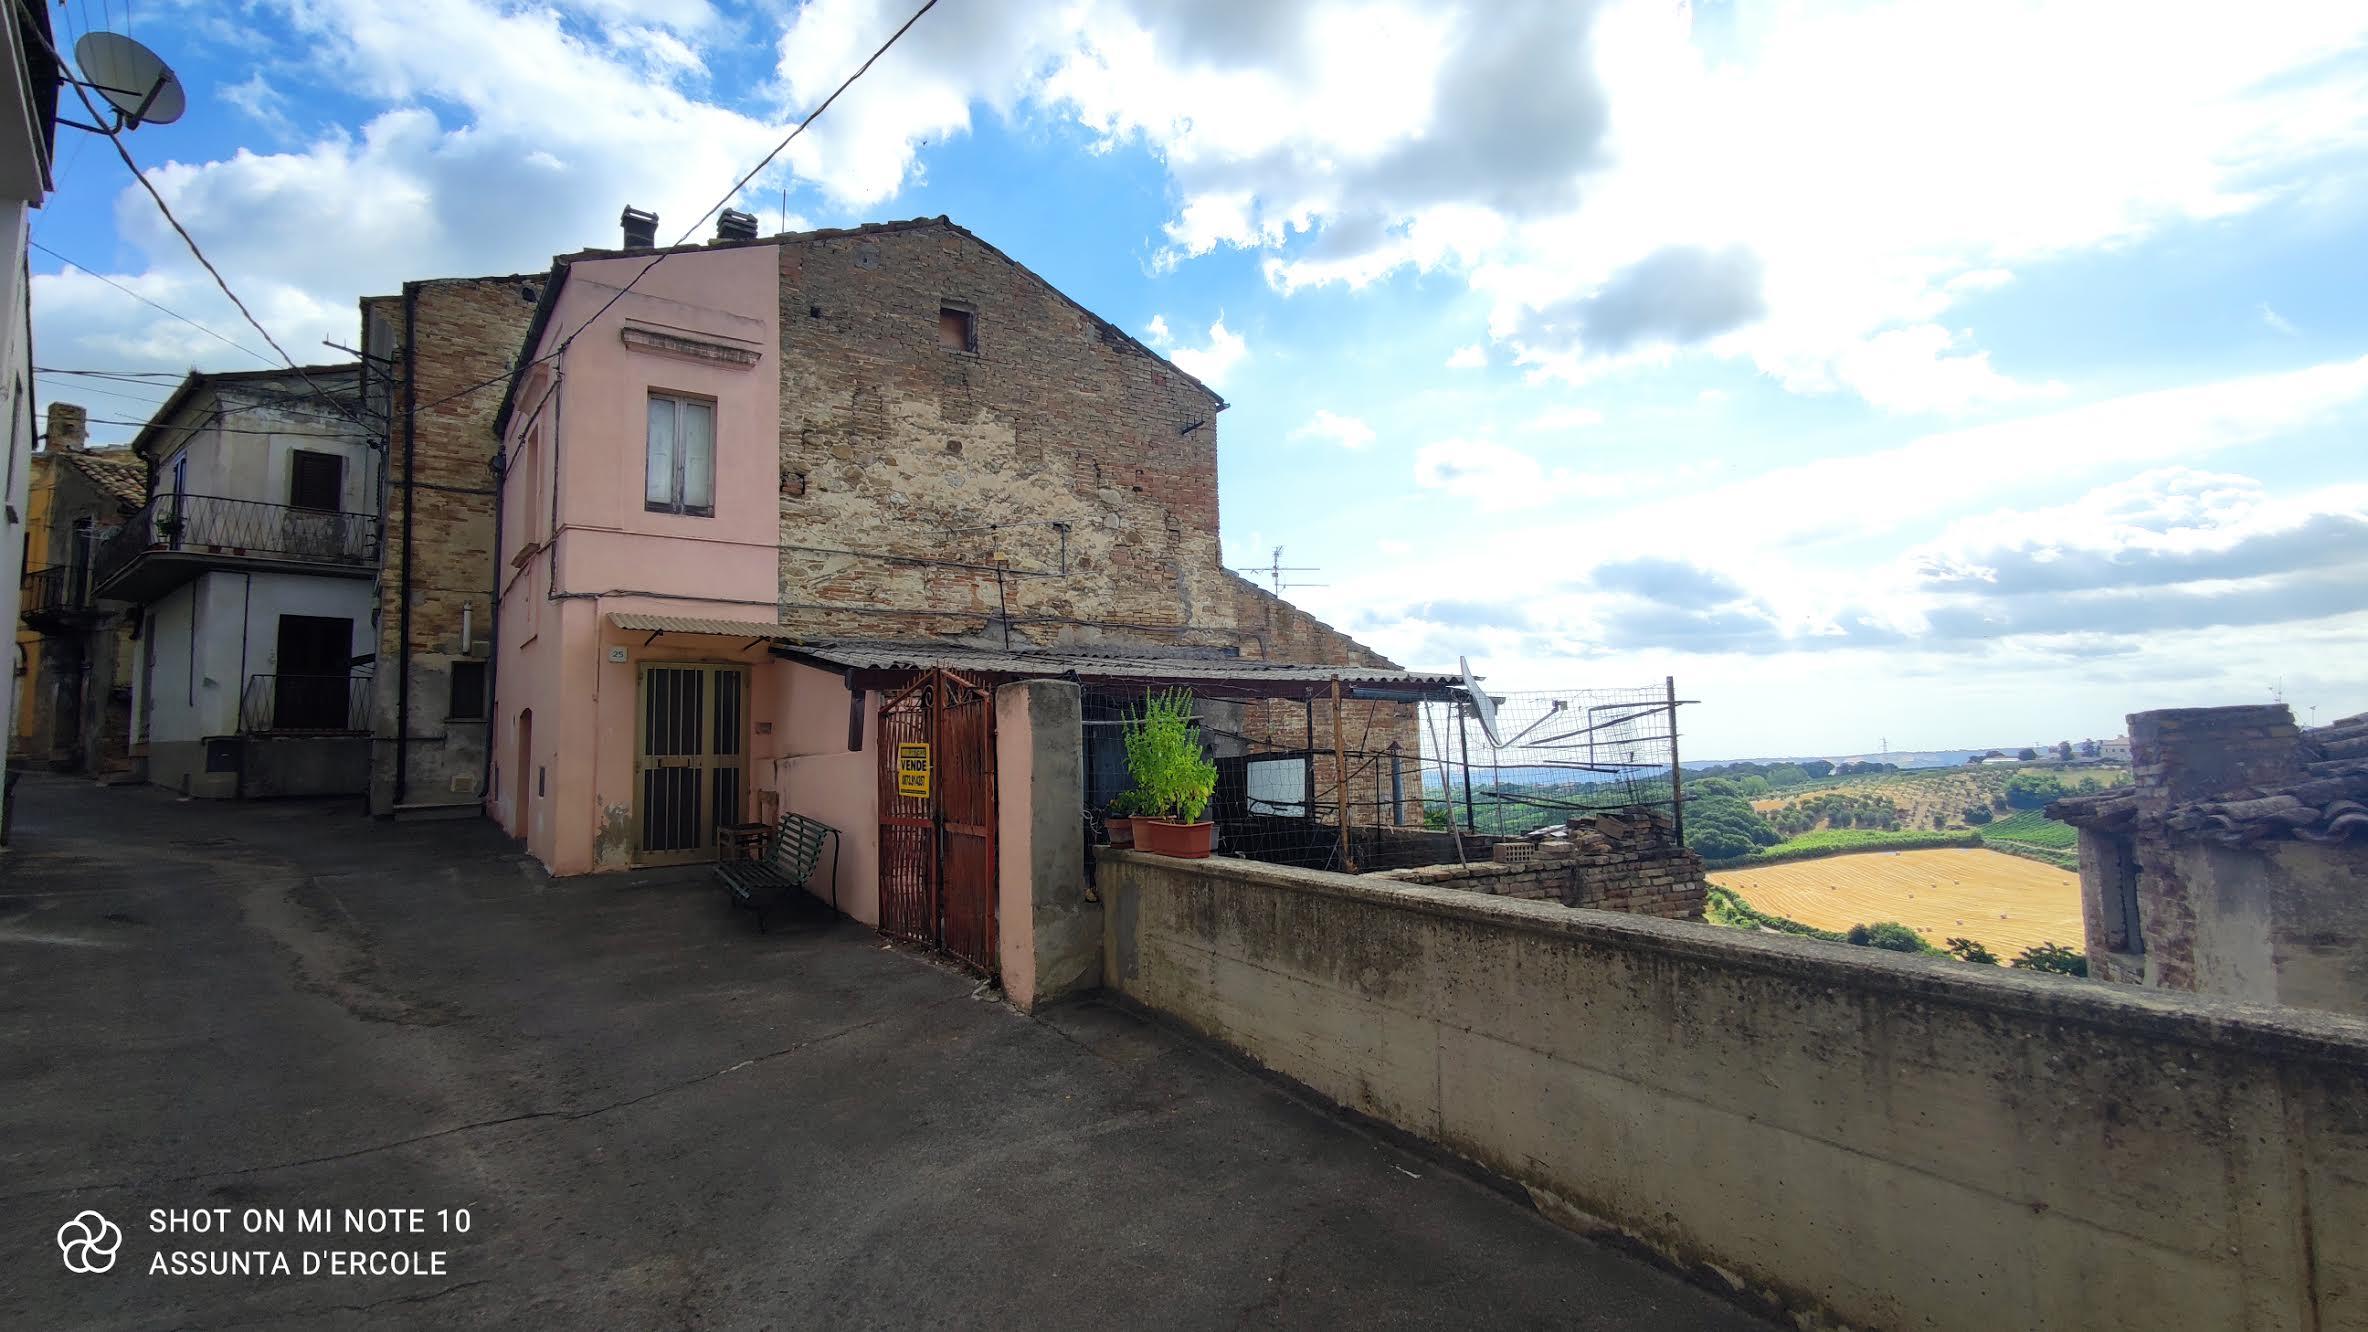 Rif 1285 Scerni (CH) – Casa di Paese con terrazza panoramica – €50000